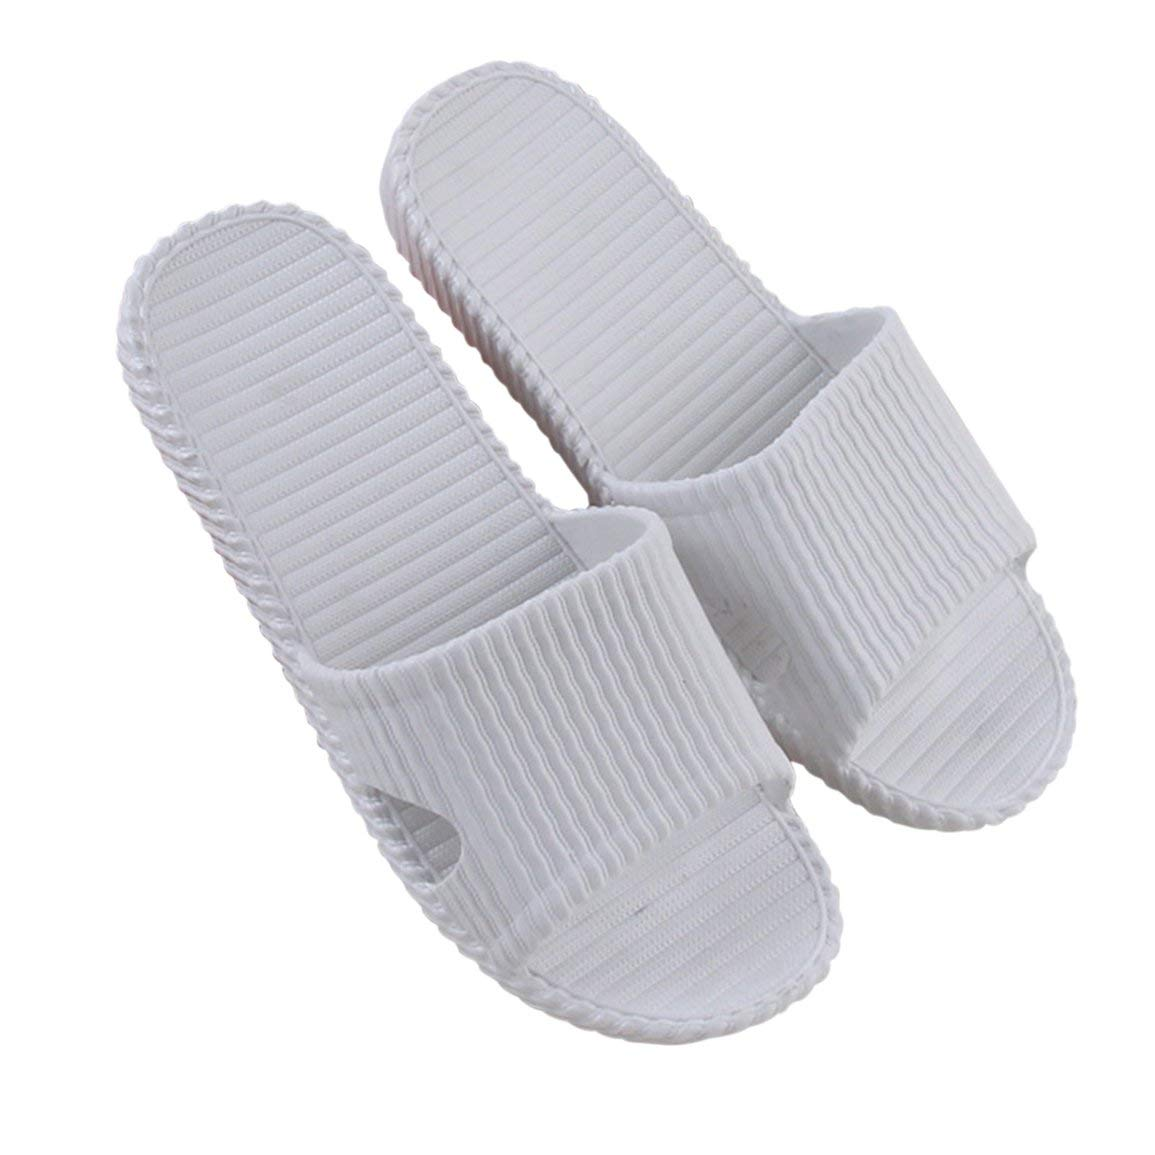 Fantasyworld Unisexe Femmes Hommes Chaussures de Bain Skidproof Sandales Plates /ét/é Accueil Salle de Bain Pantoufles D/ésinvoltes Int/érieur Plage Chaussons